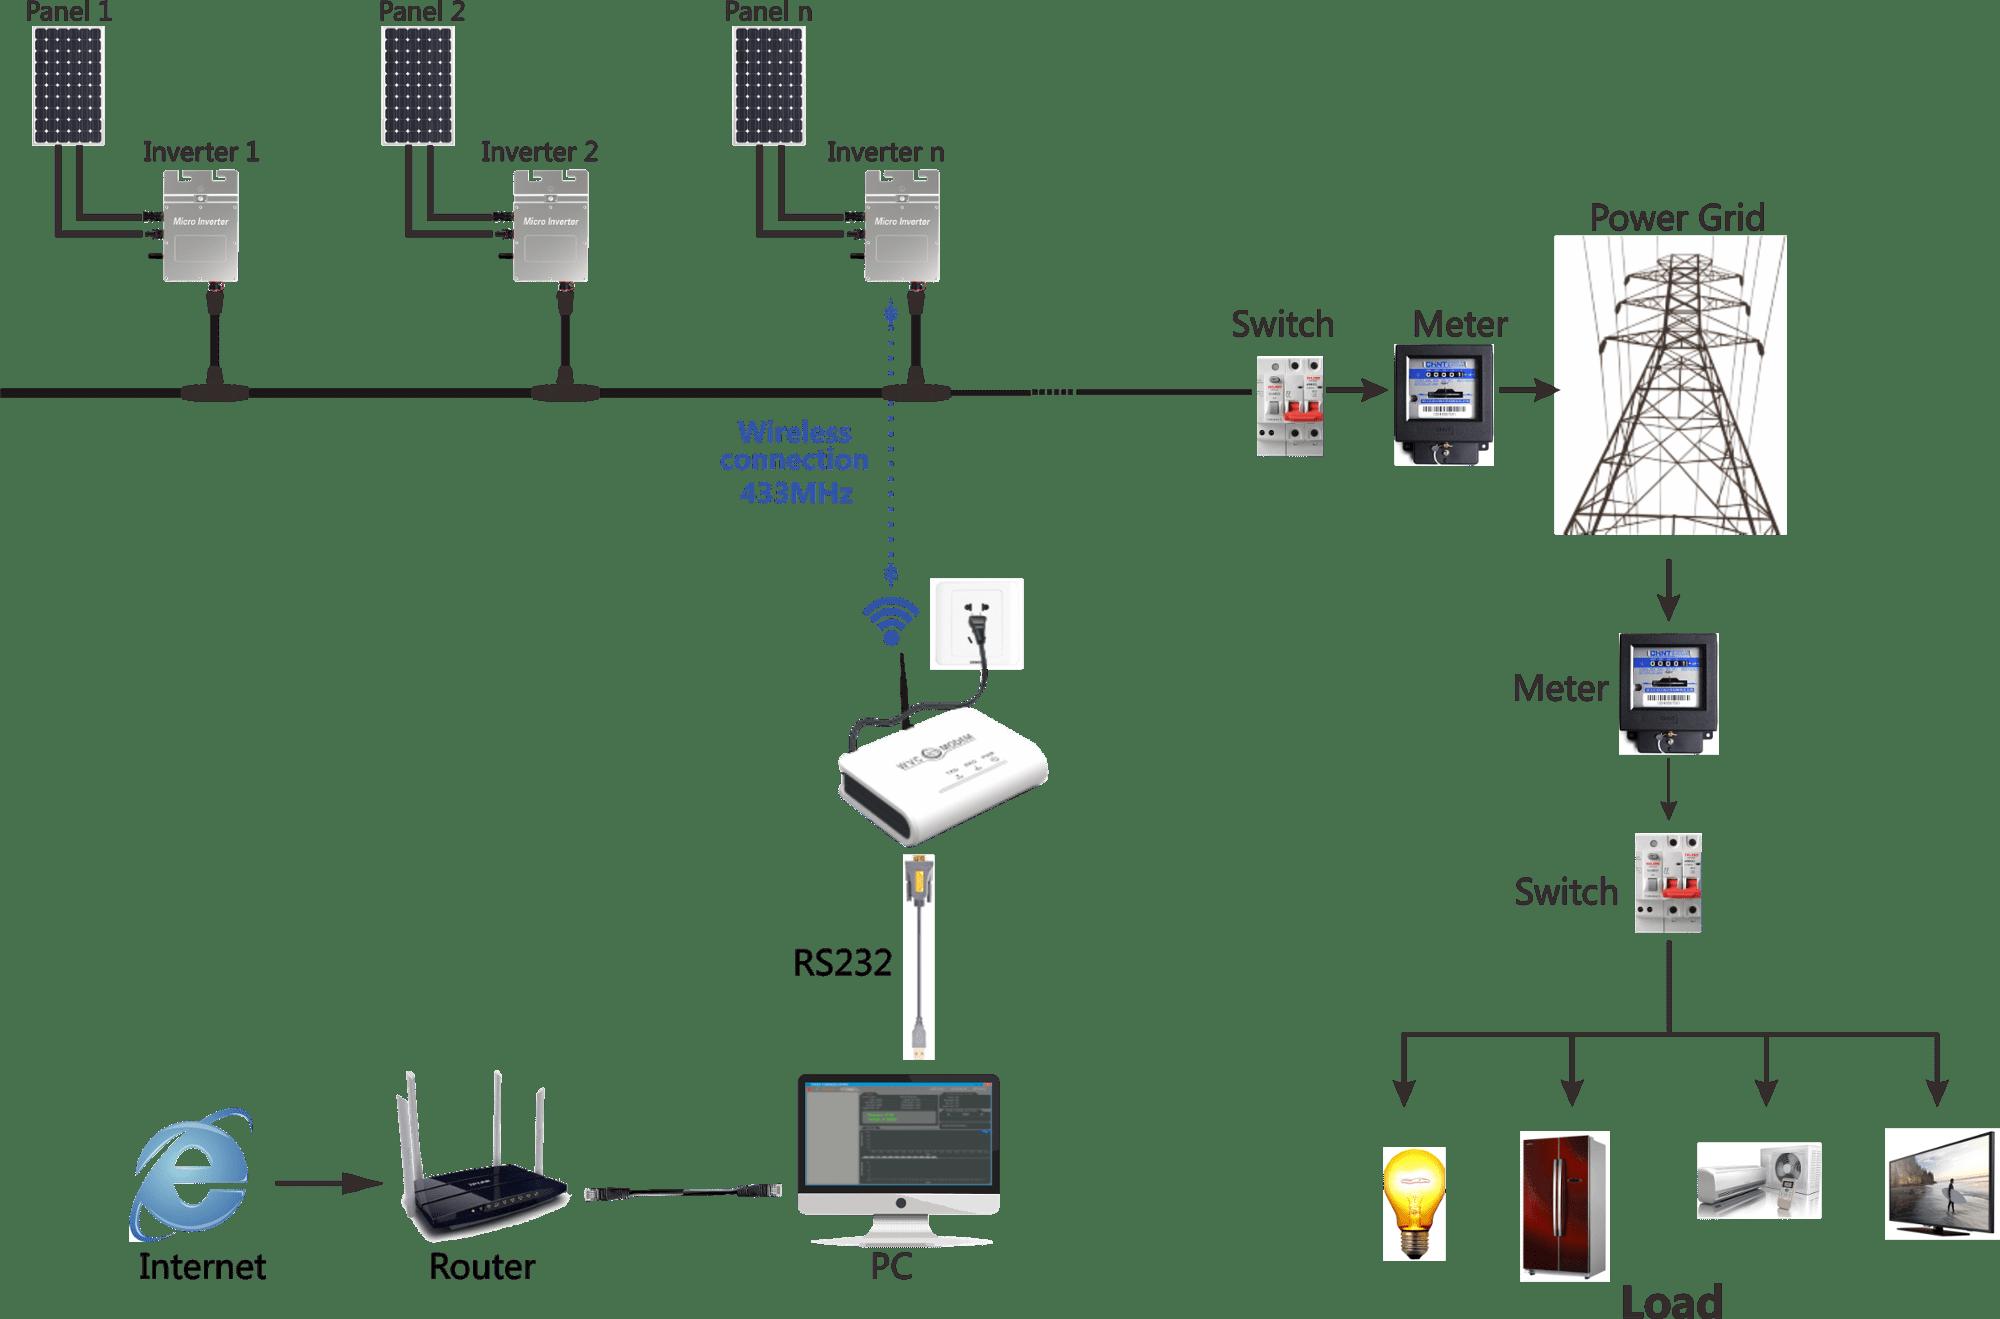 Etl Inmerto Ce Wvc 295 50hz 60hz Work For 1mw Solar